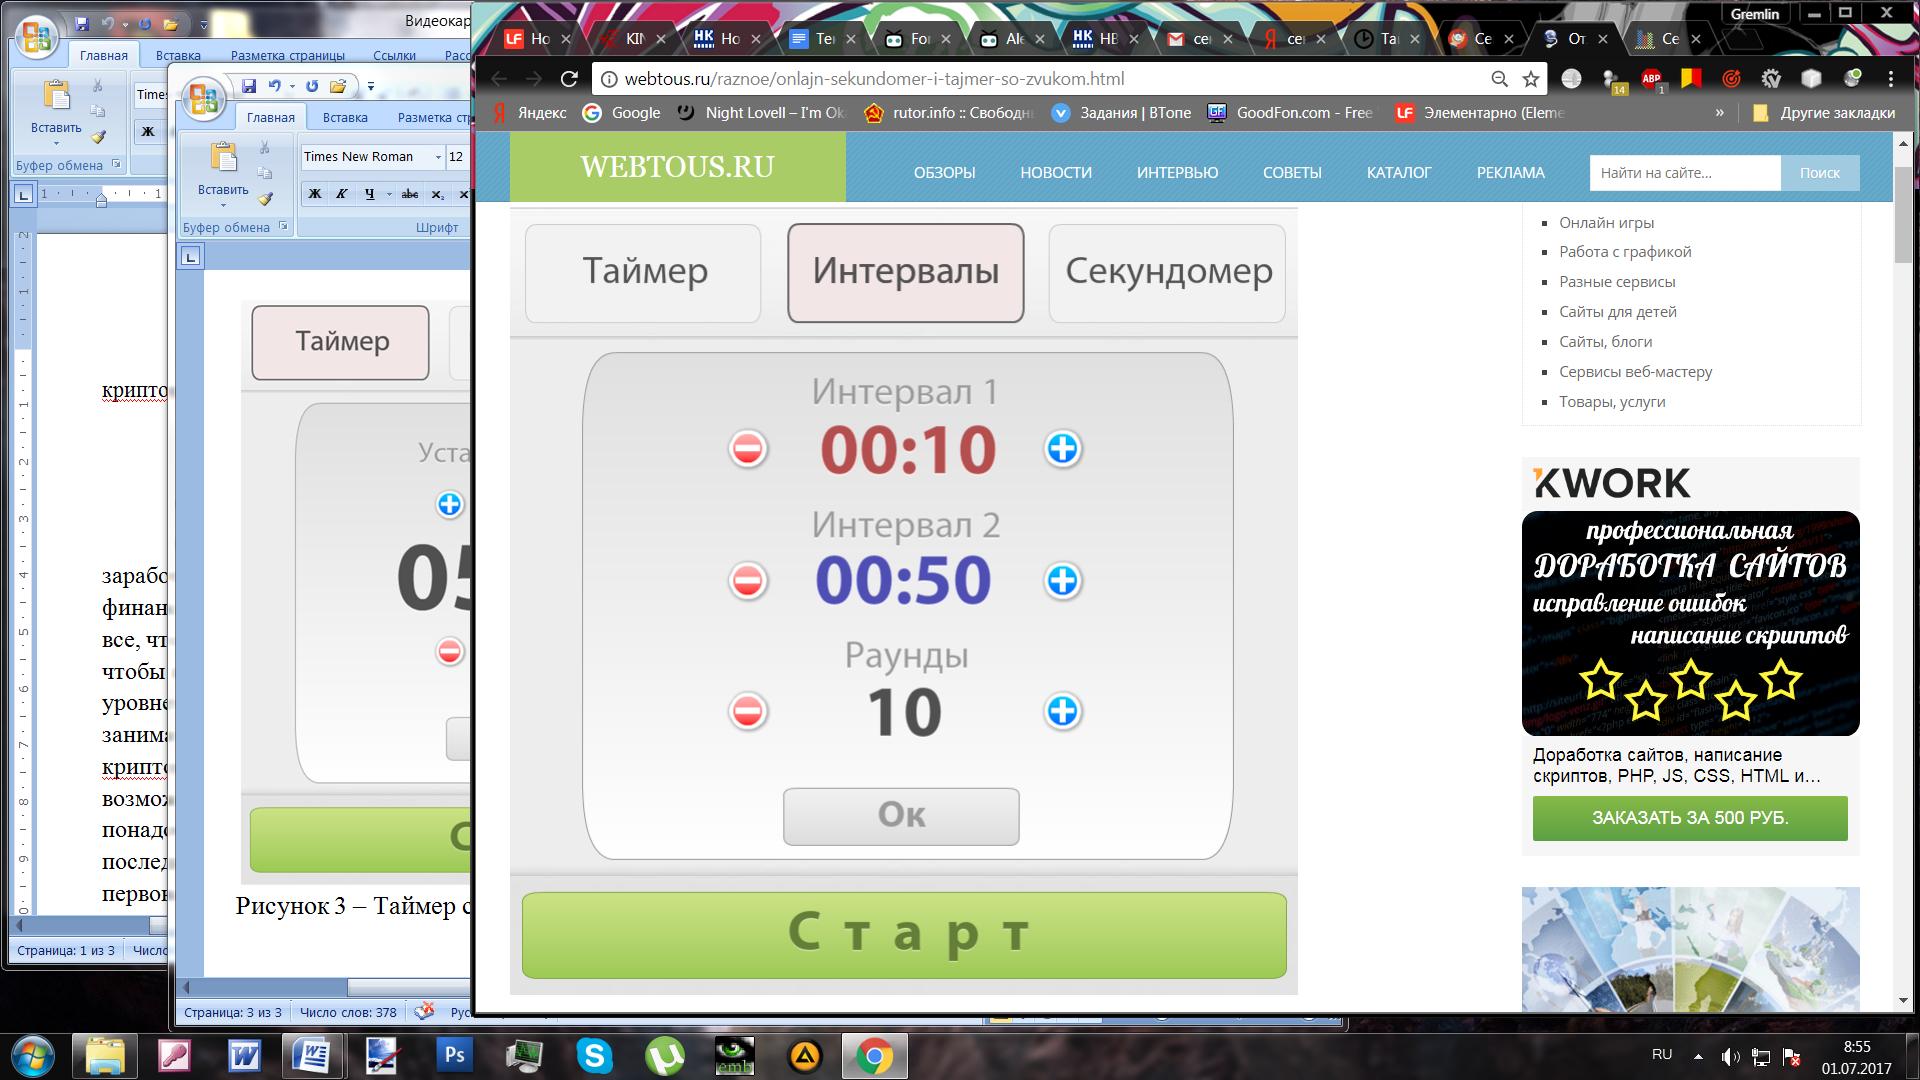 Интервалы Webtous.ru